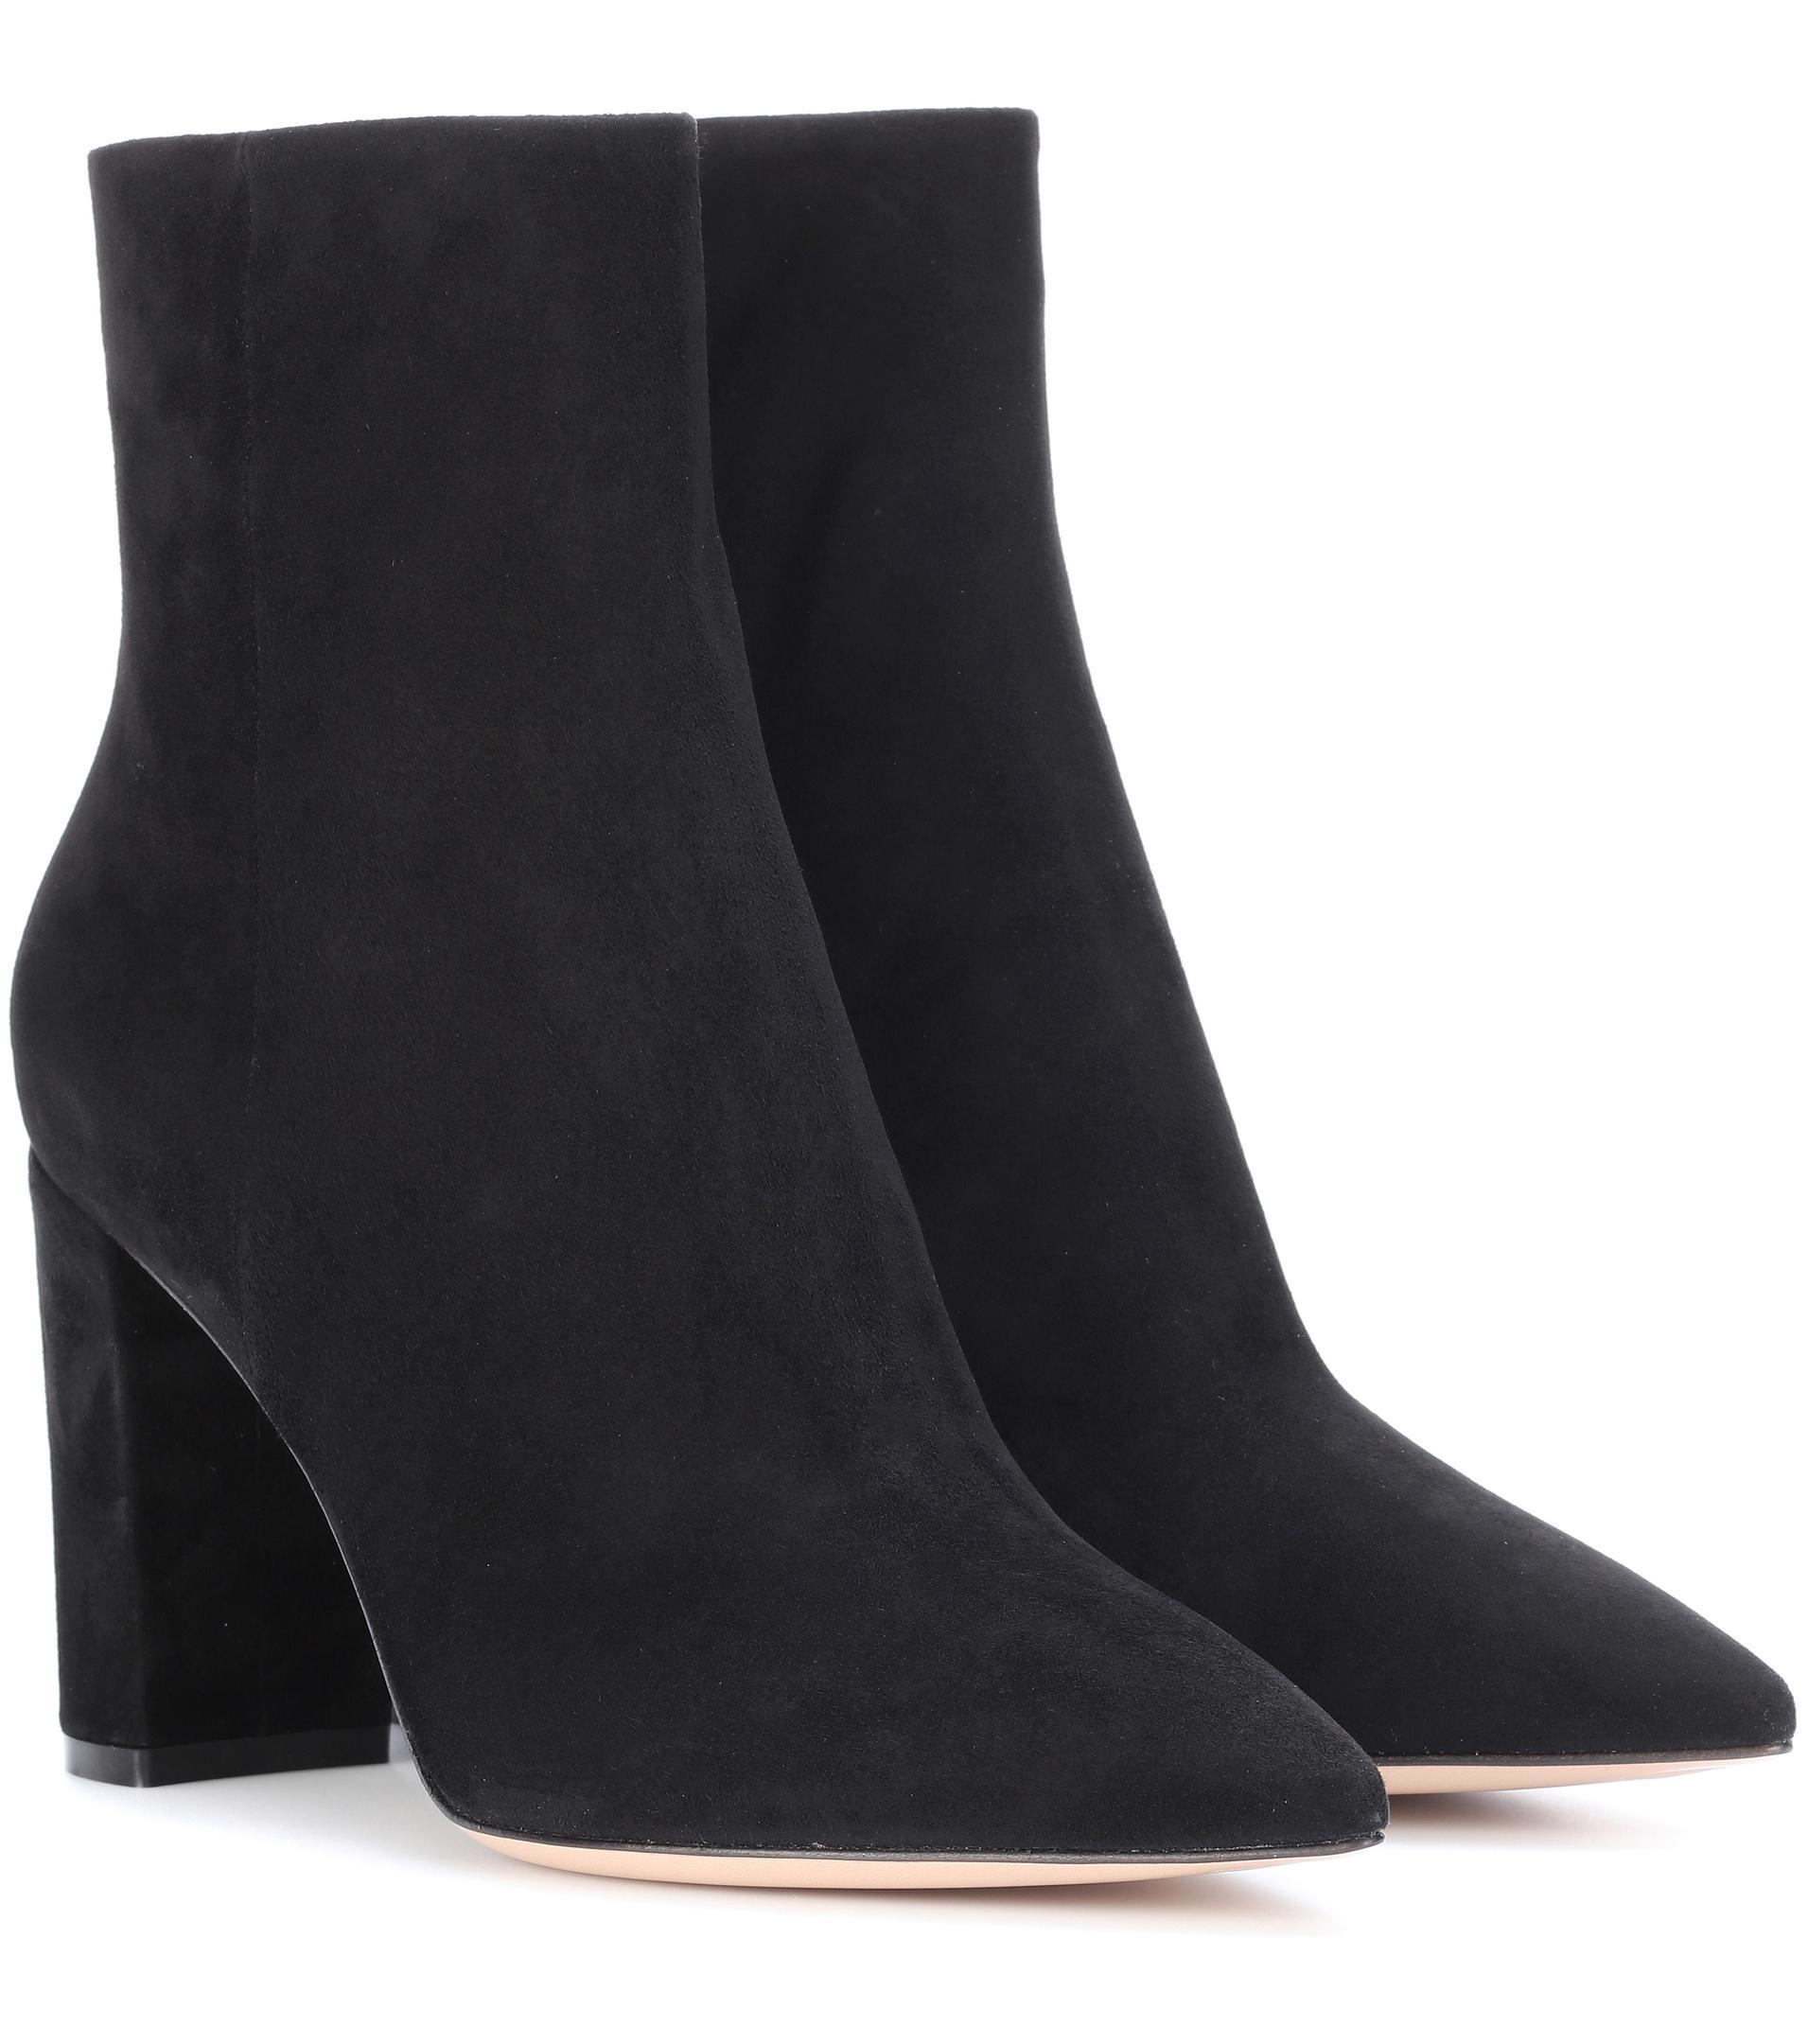 ea1f0056c4e13 Gianvito Rossi Black Piper 85 Suede Ankle Boots. View fullscreen